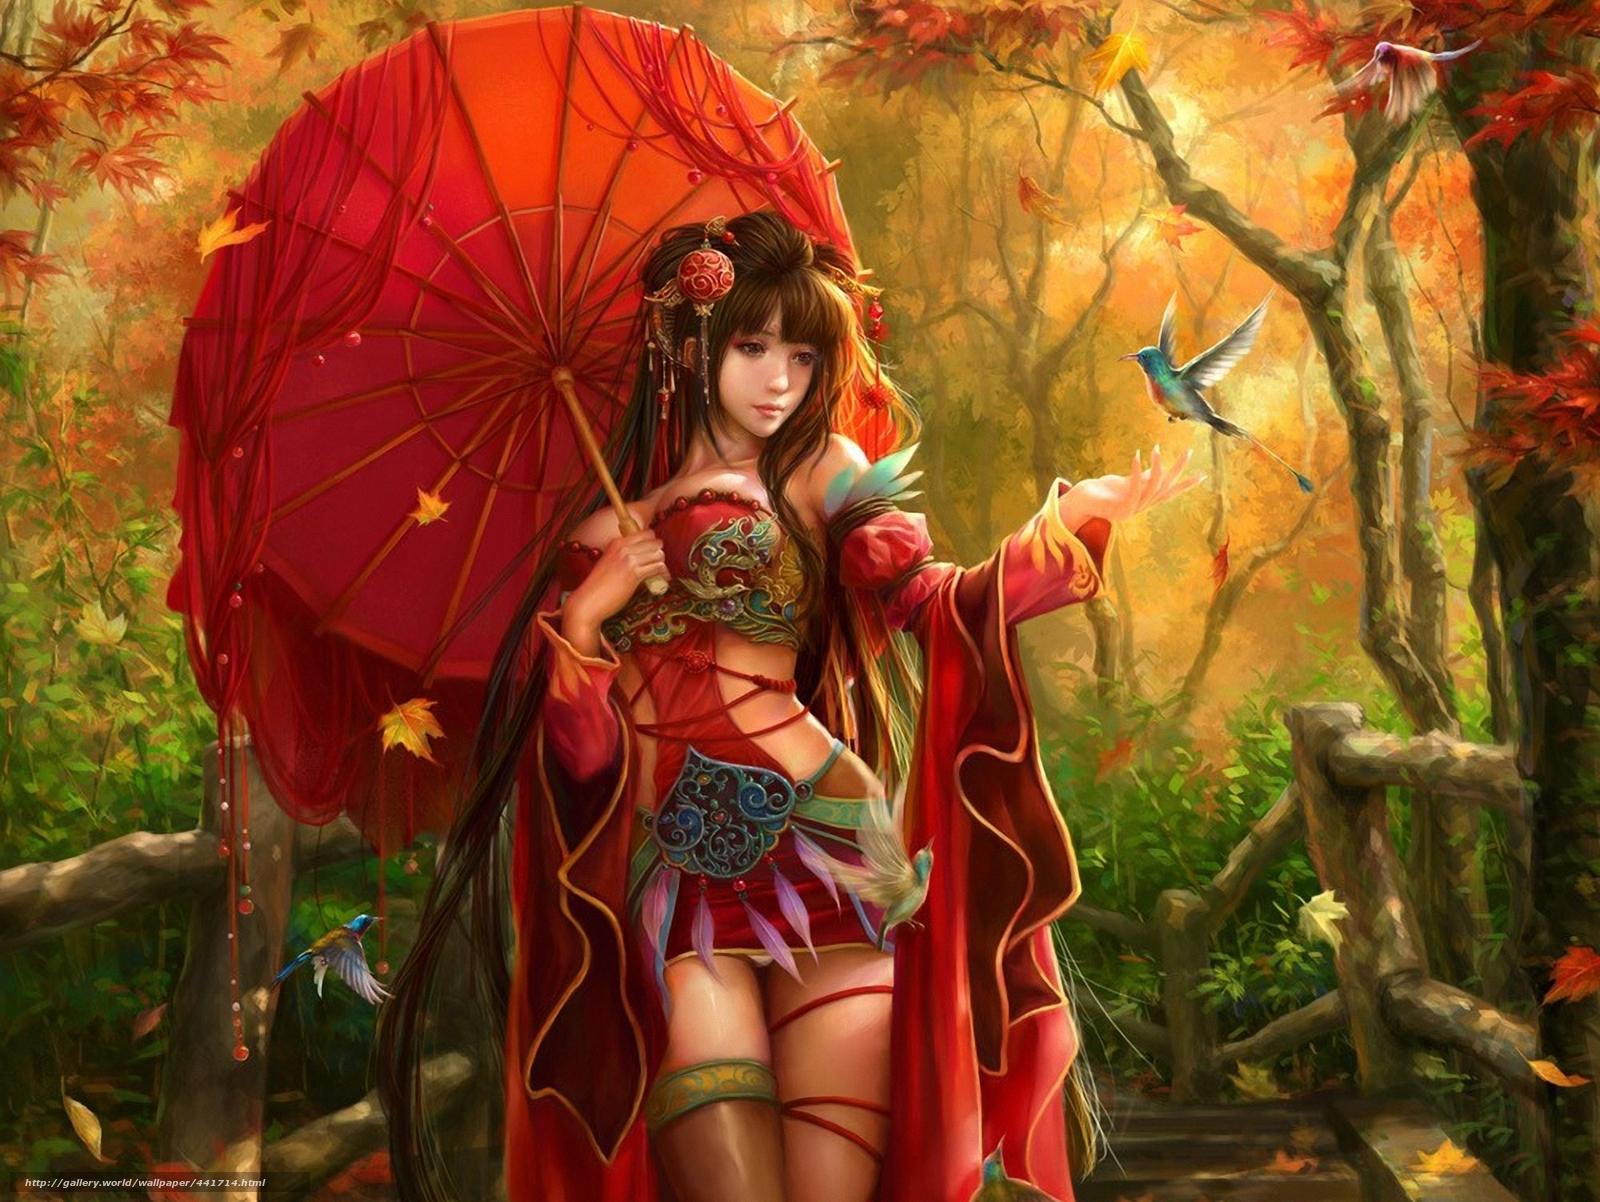 Скачать обои арт,  девушка,  зонт,  зонтик бесплатно для рабочего стола в разрешении 1920x1442 — картинка №441714